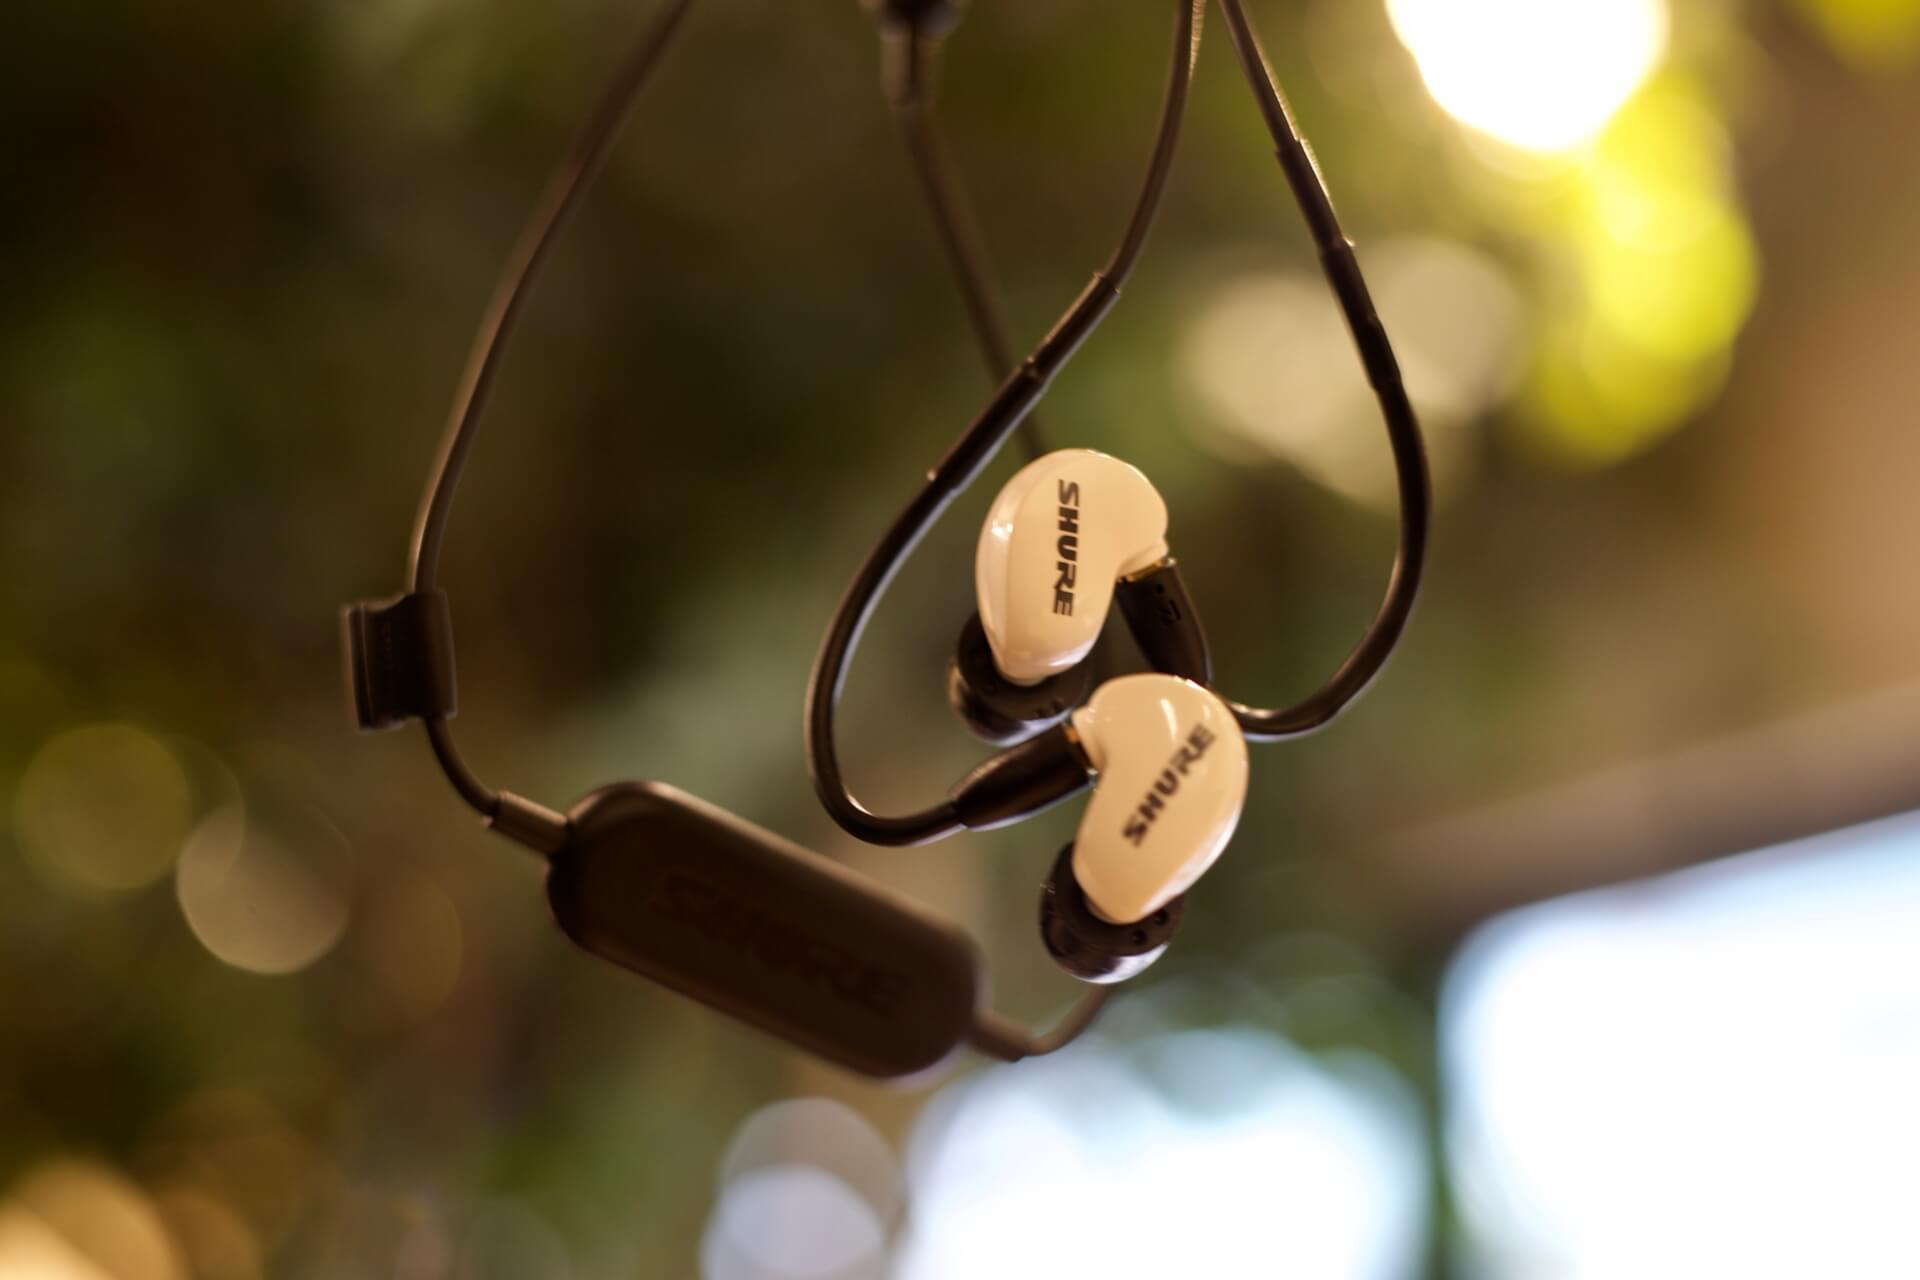 SHURE 座談会|TAAR×AAAMYYYがイヤホンを通して語る「聴く」ことへのこだわり interview190302-8